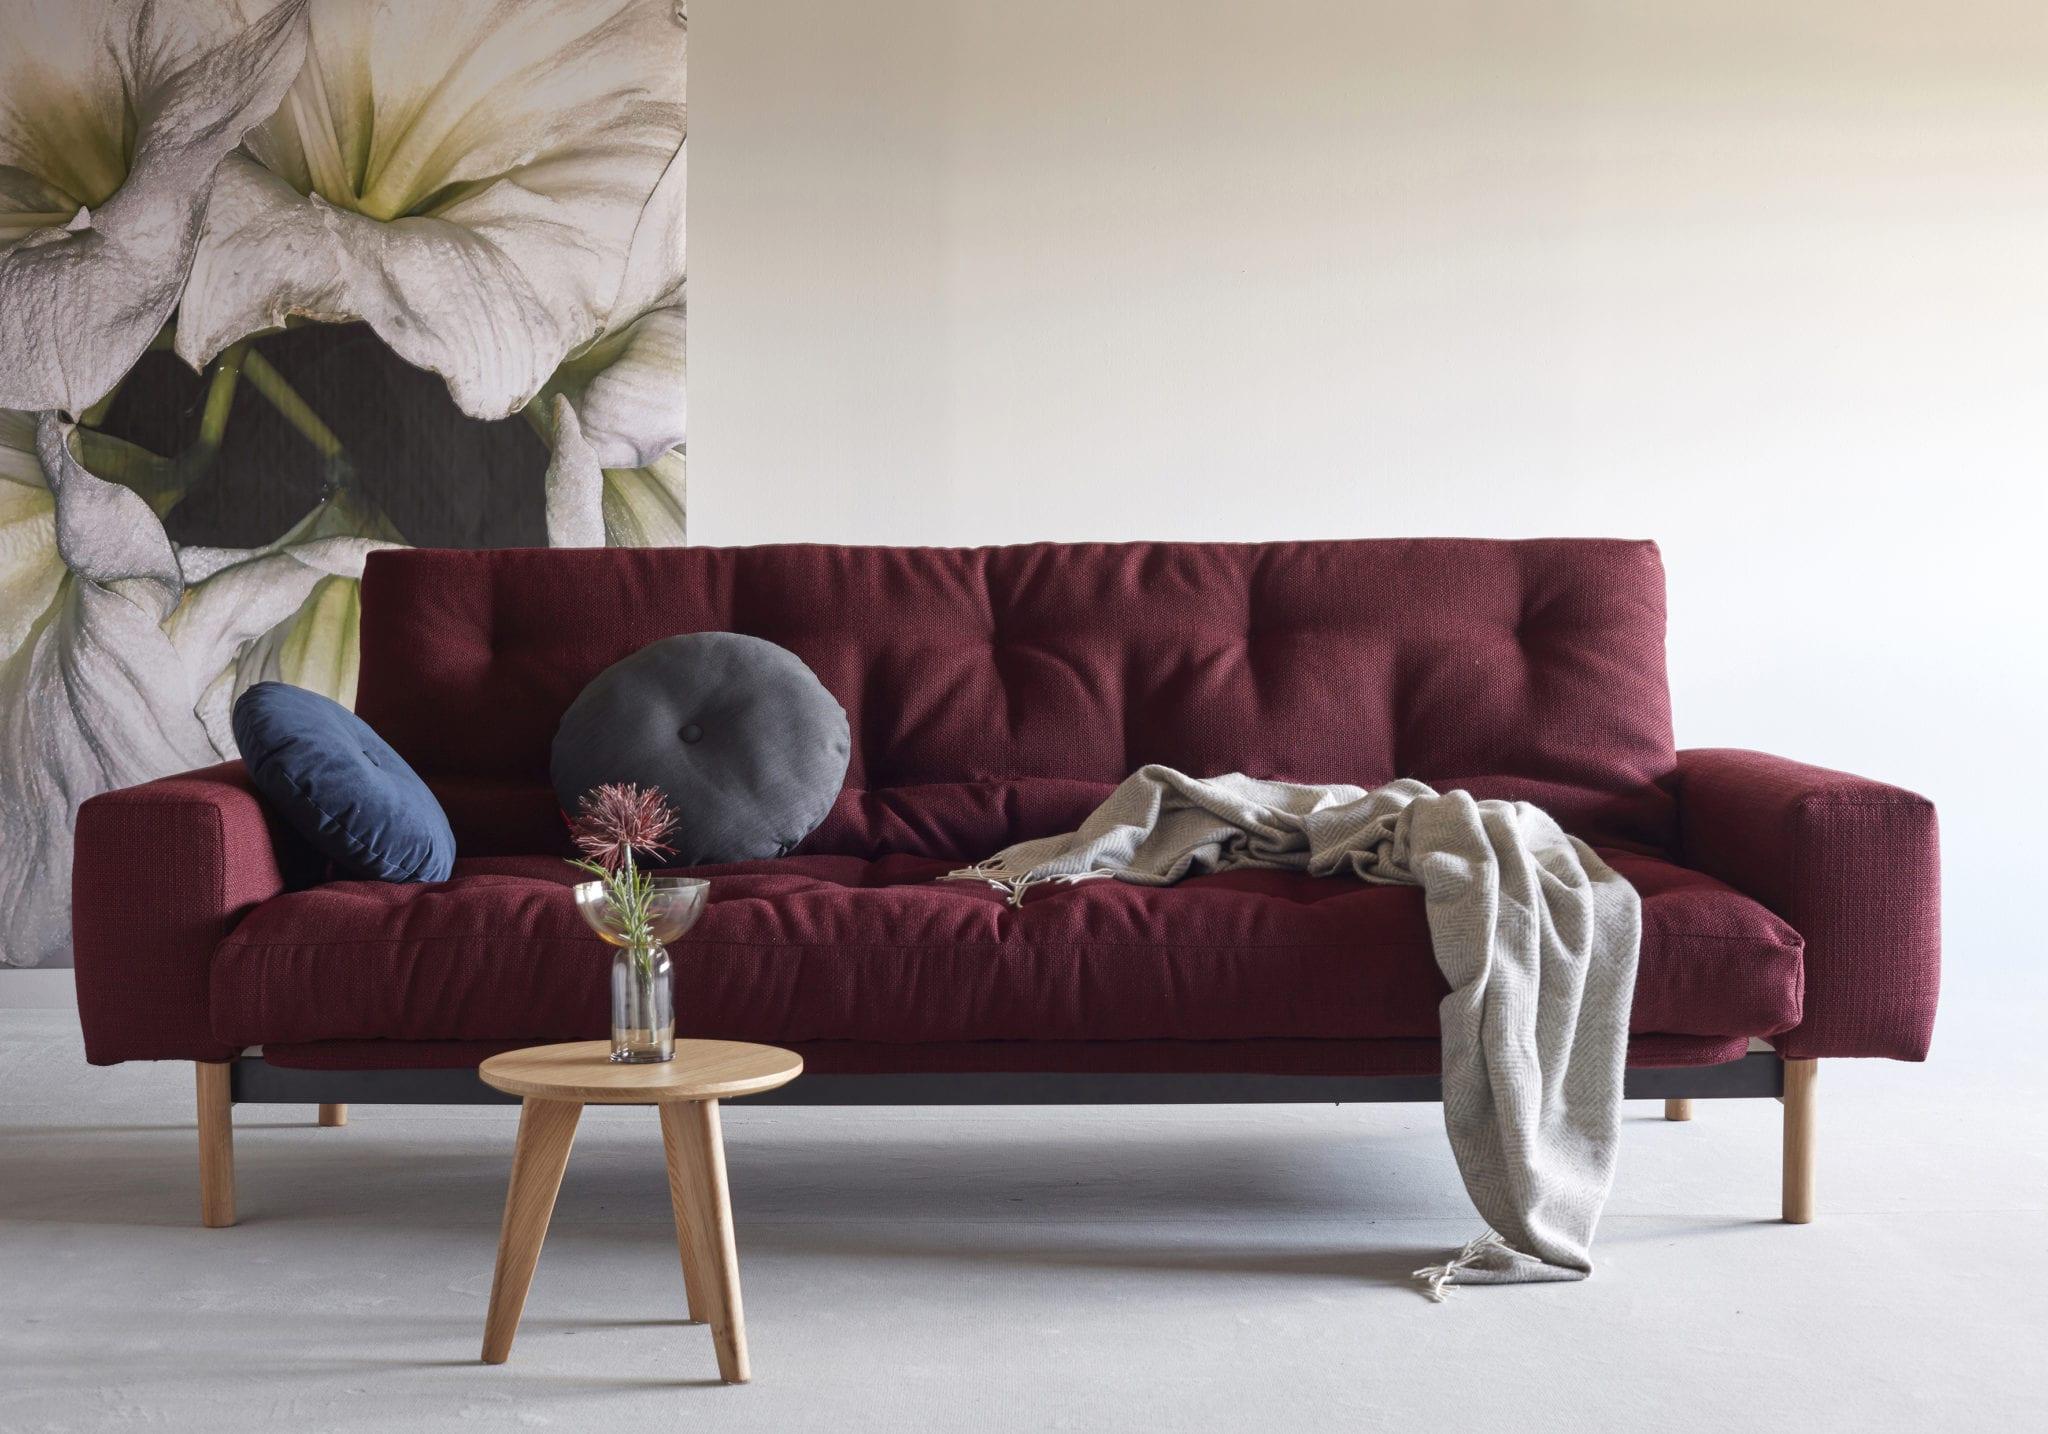 Mimer Sofa Bed Innovation Living Melbourne